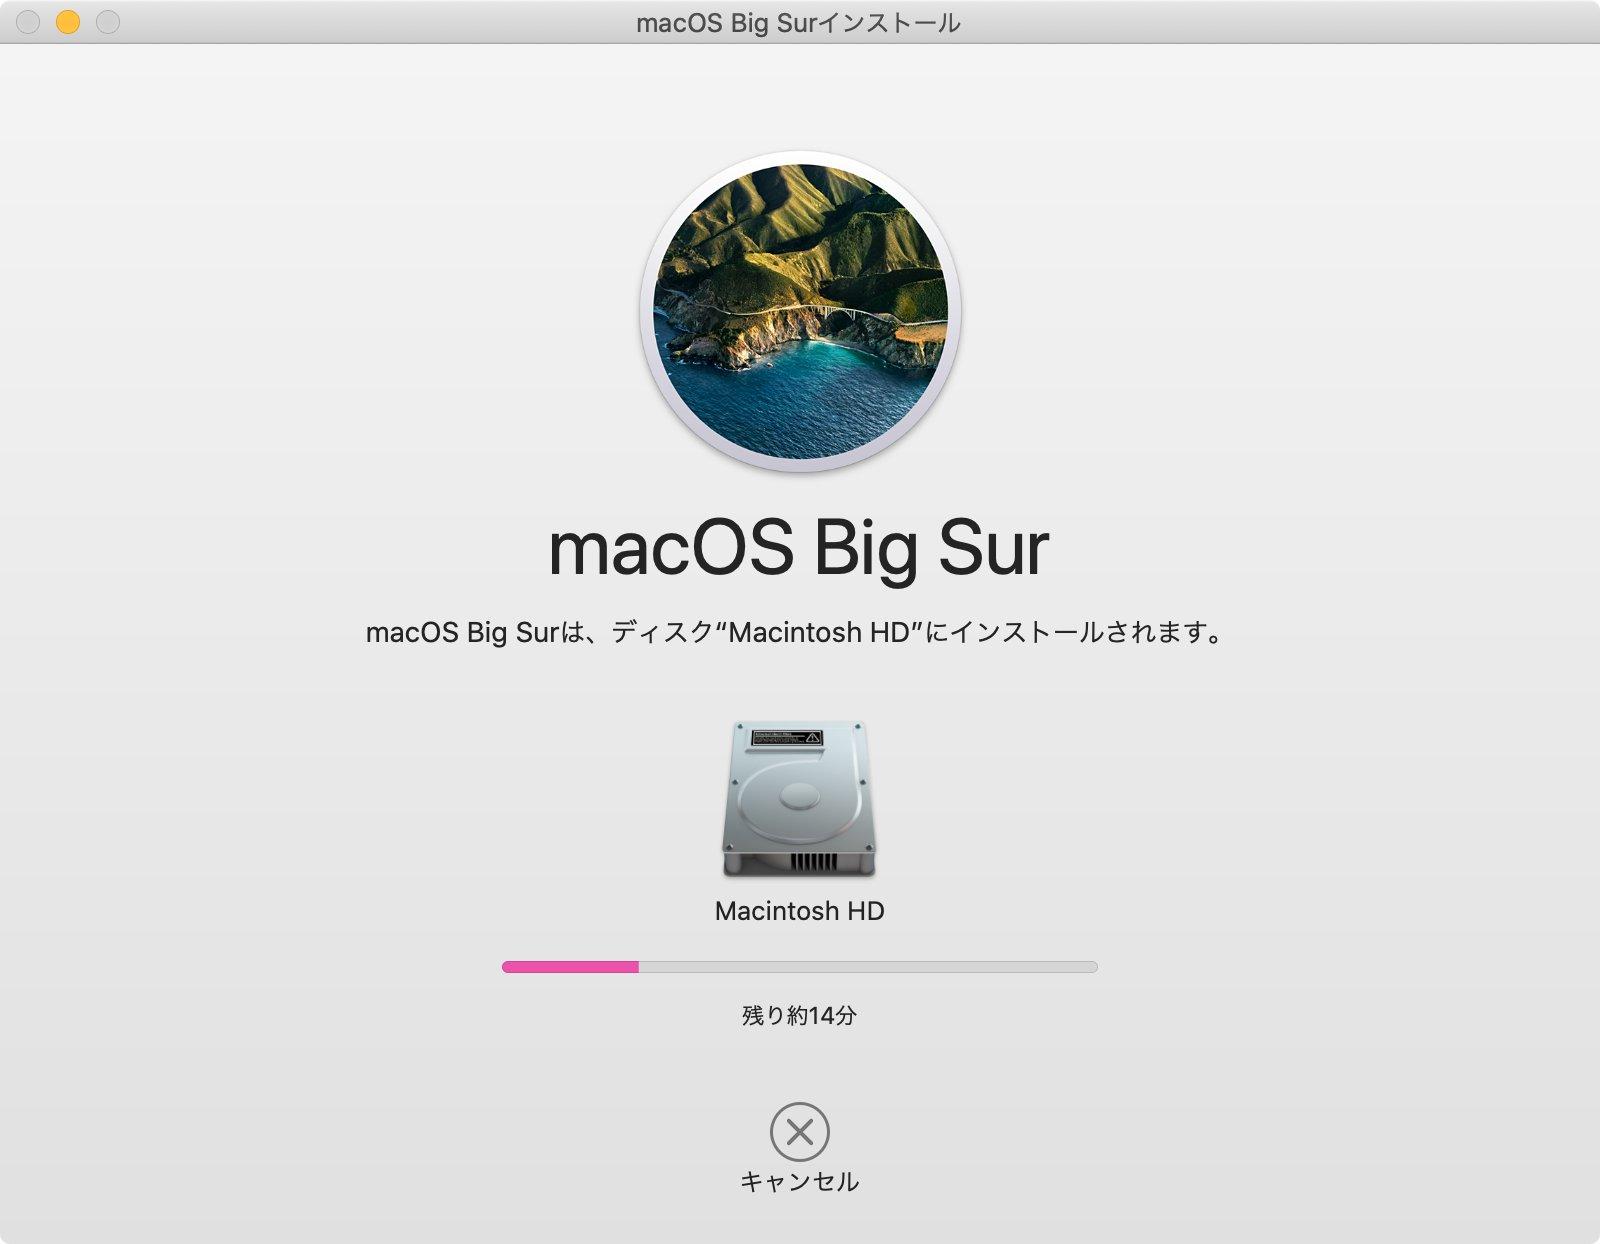 macOS Big Sur へのアップグレード。残り約14分らしい。 https://t.co/AjINz4guwK